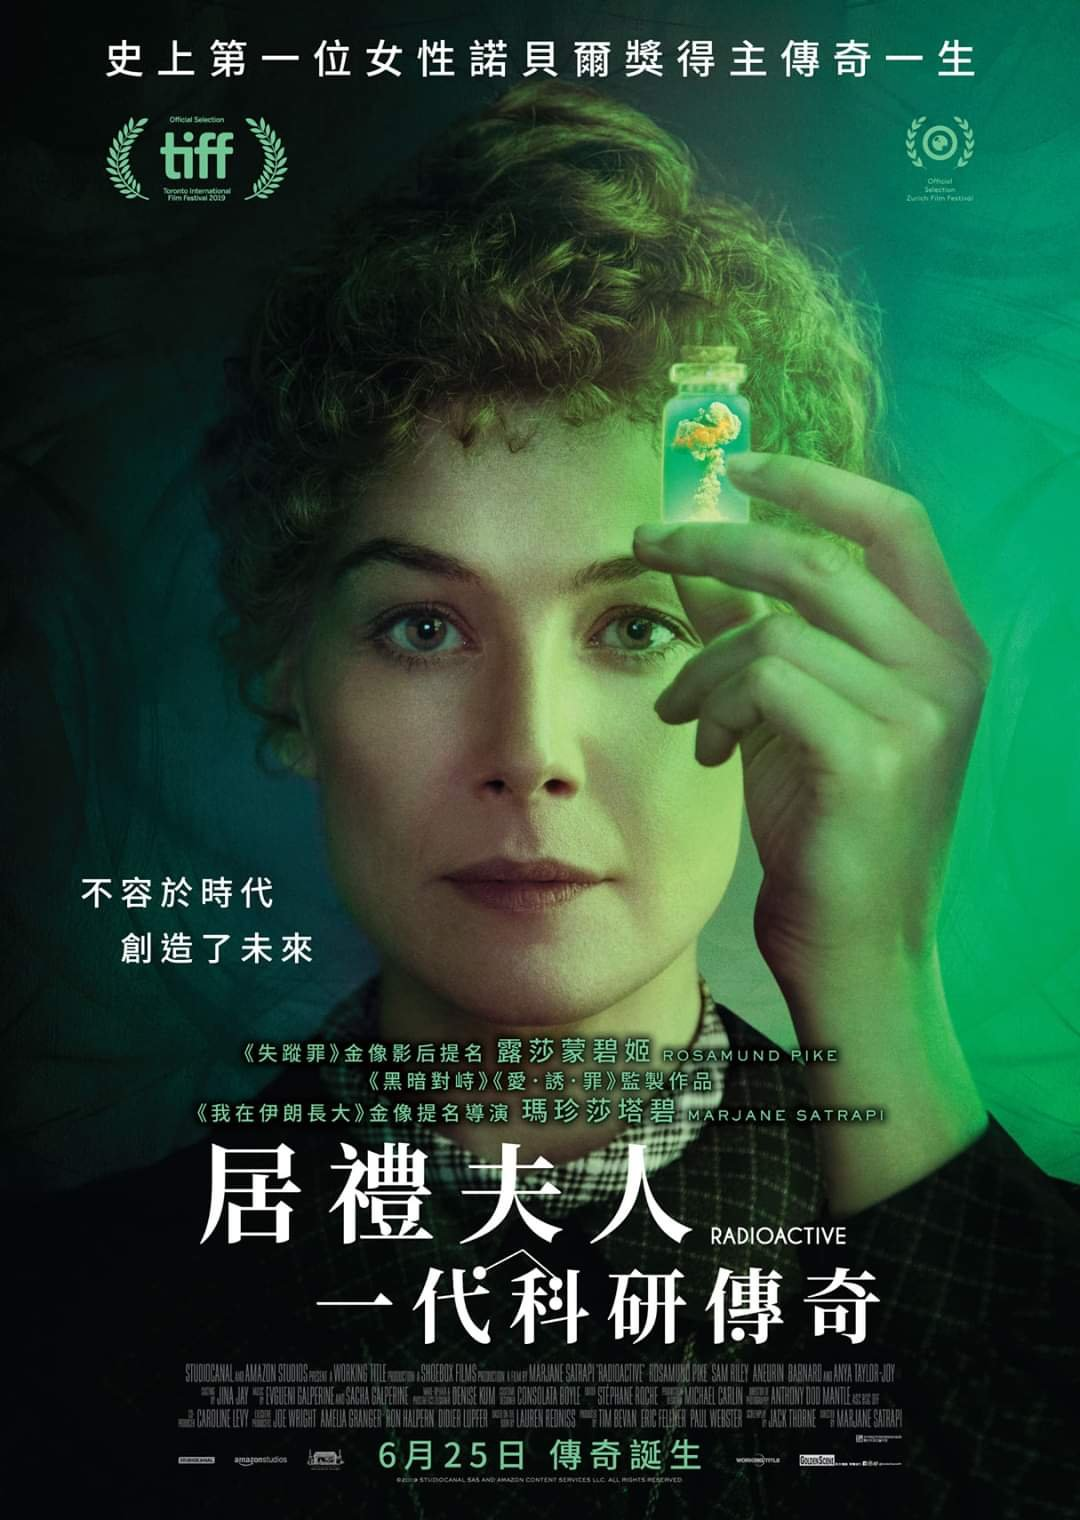 居禮夫人:一代科研傳奇- 香港電影資料上映時間及預告- WMOOV